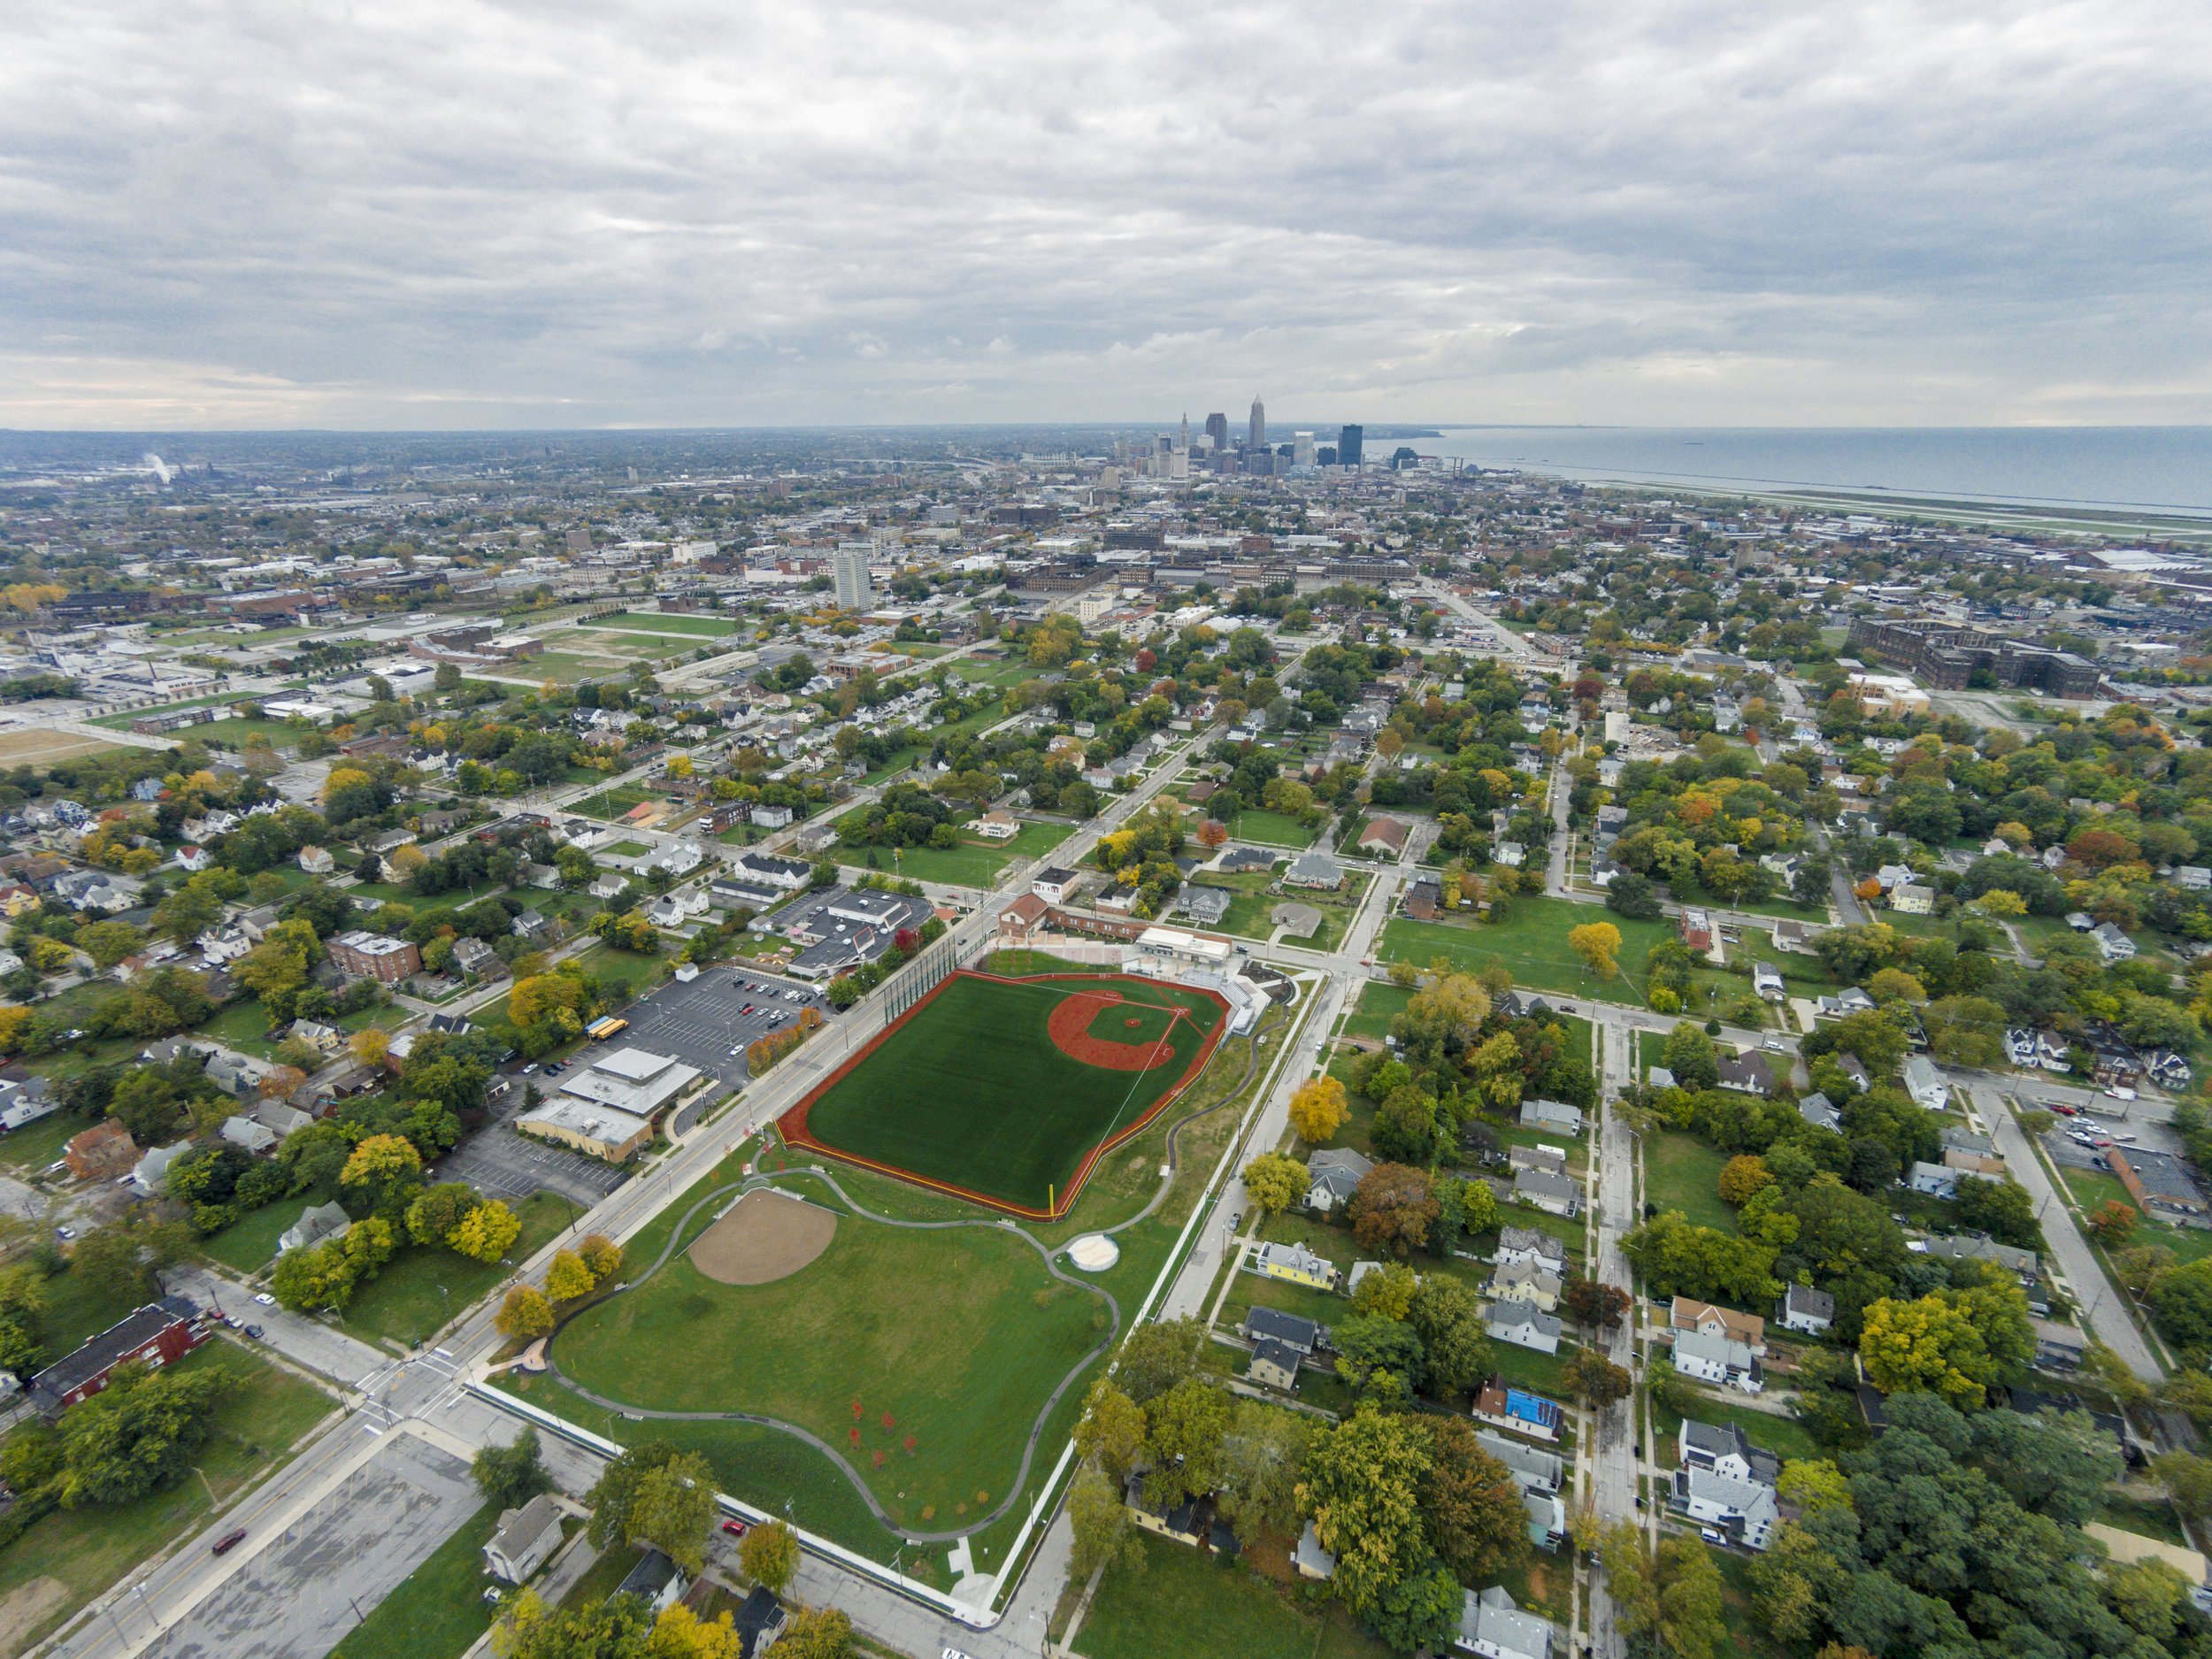 League Park